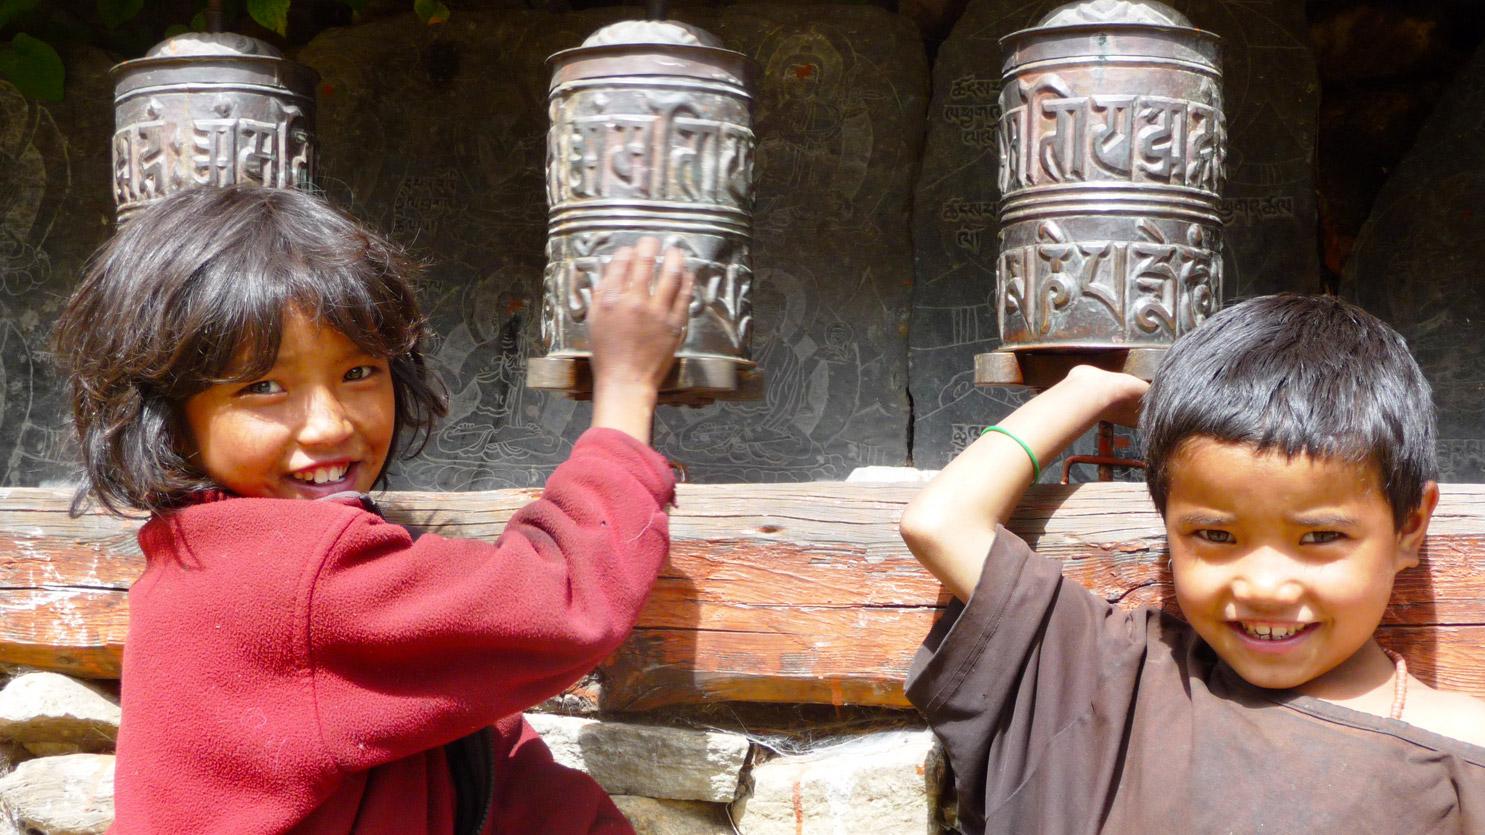 Sourires et moulins à prières - Venez à la rencontre des népalais